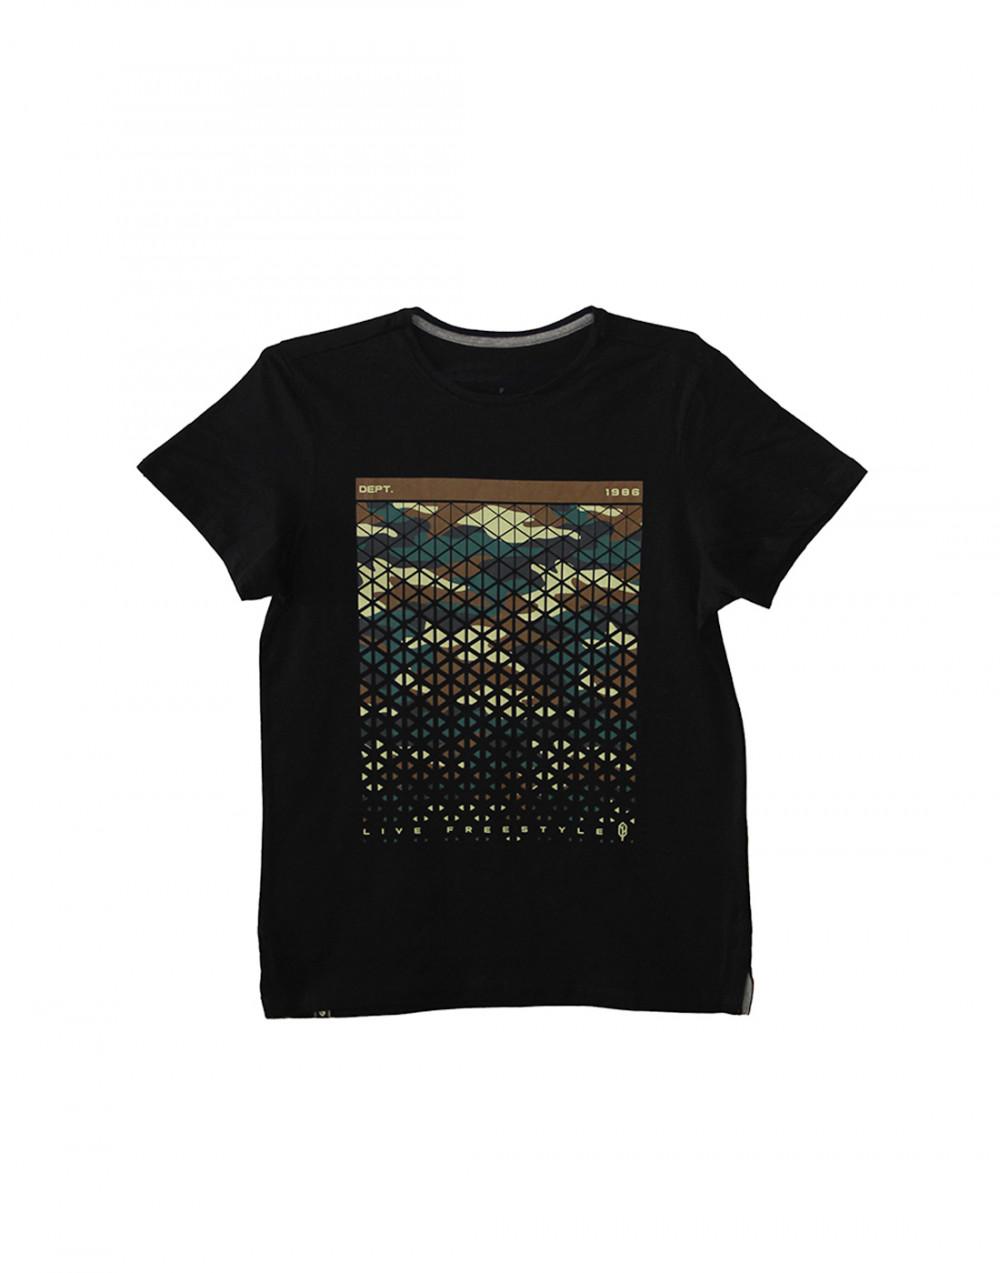 Camiseta Dif Slim Fit Camuflagem Preto Pena